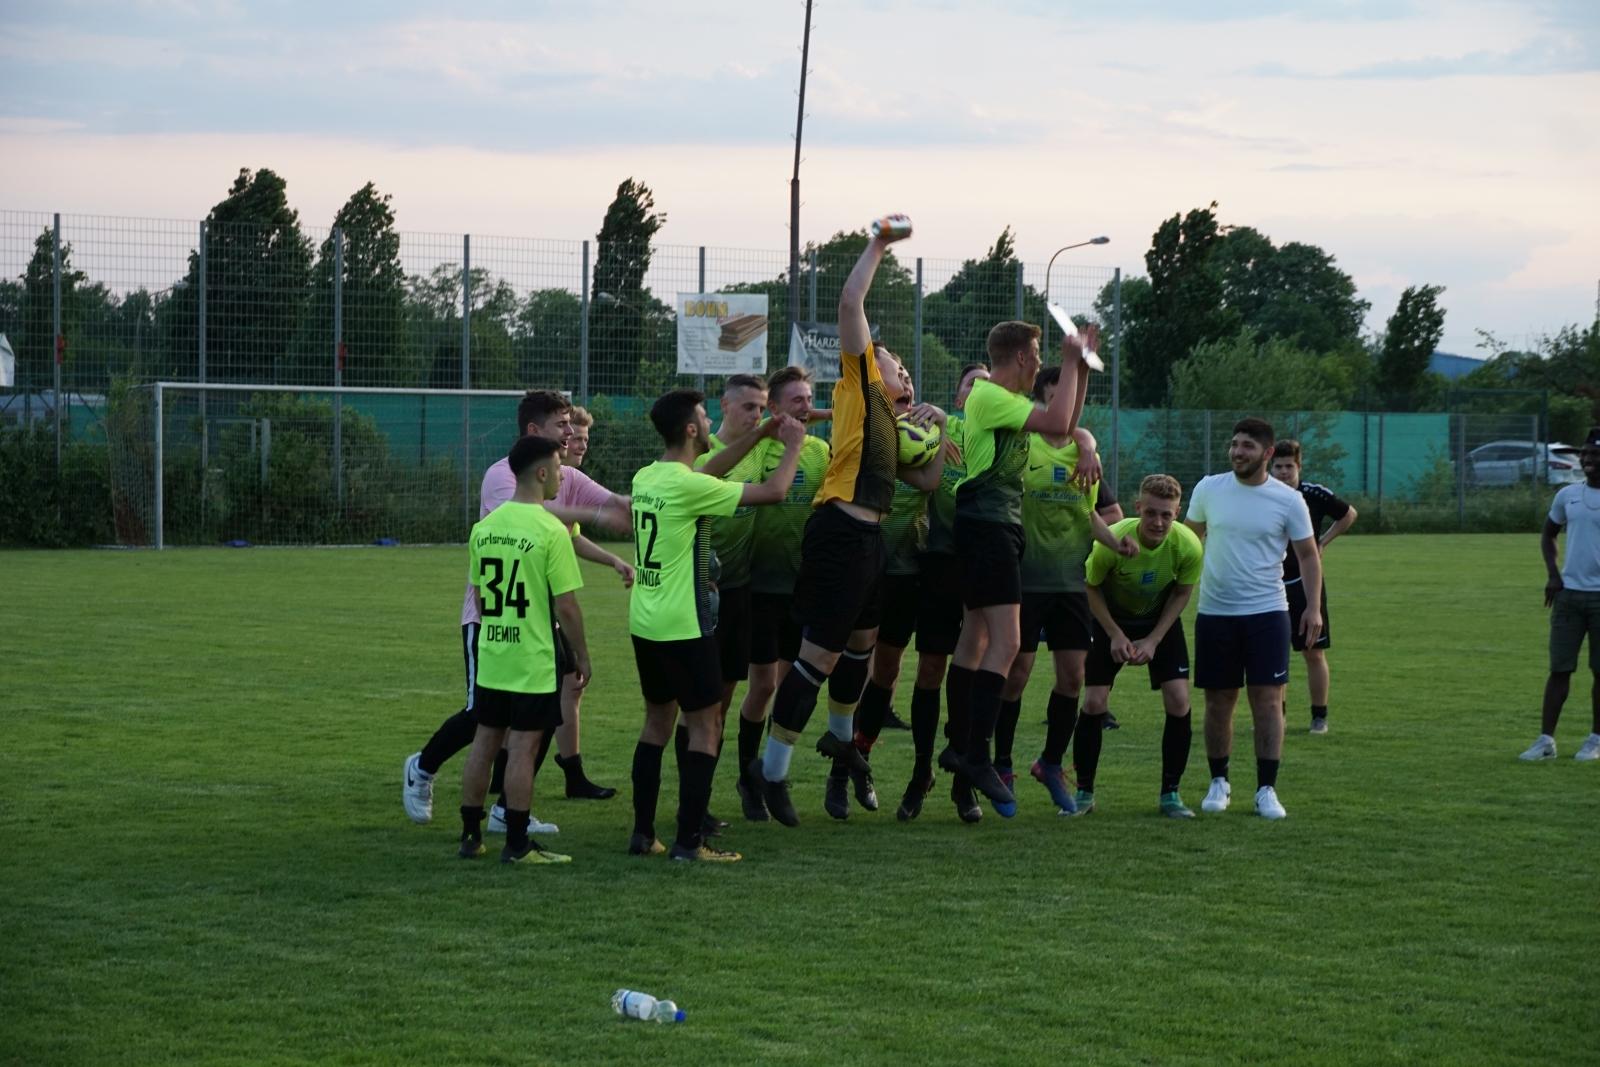 Landesliga Karlsruhe